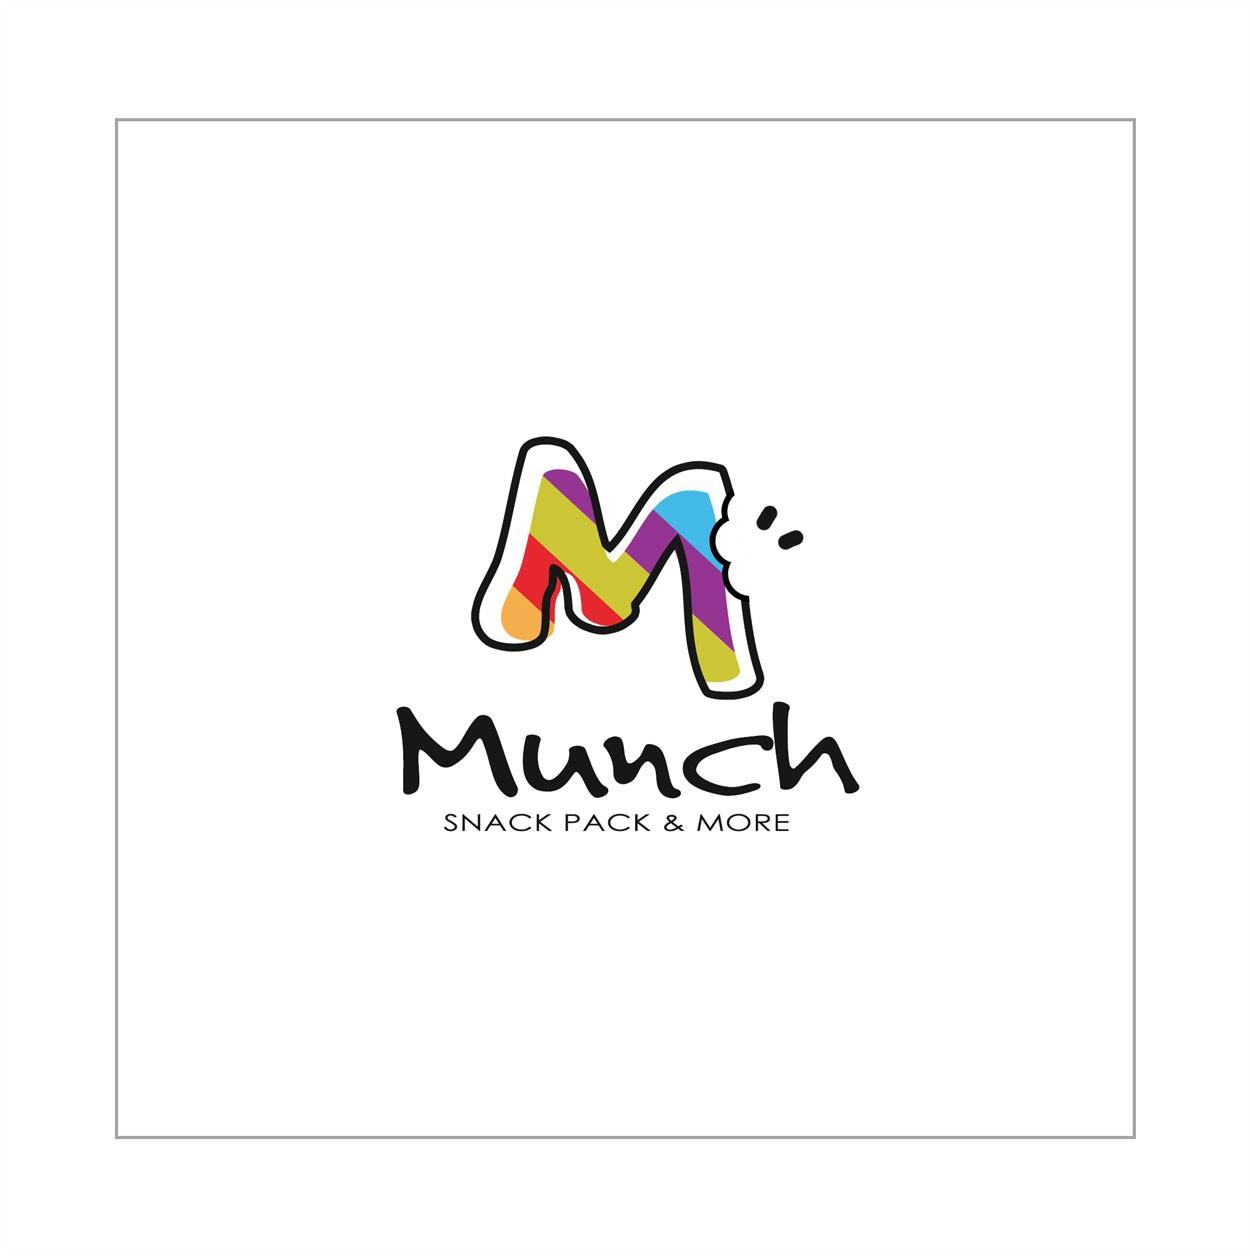 Munch logo by Redefine Creative